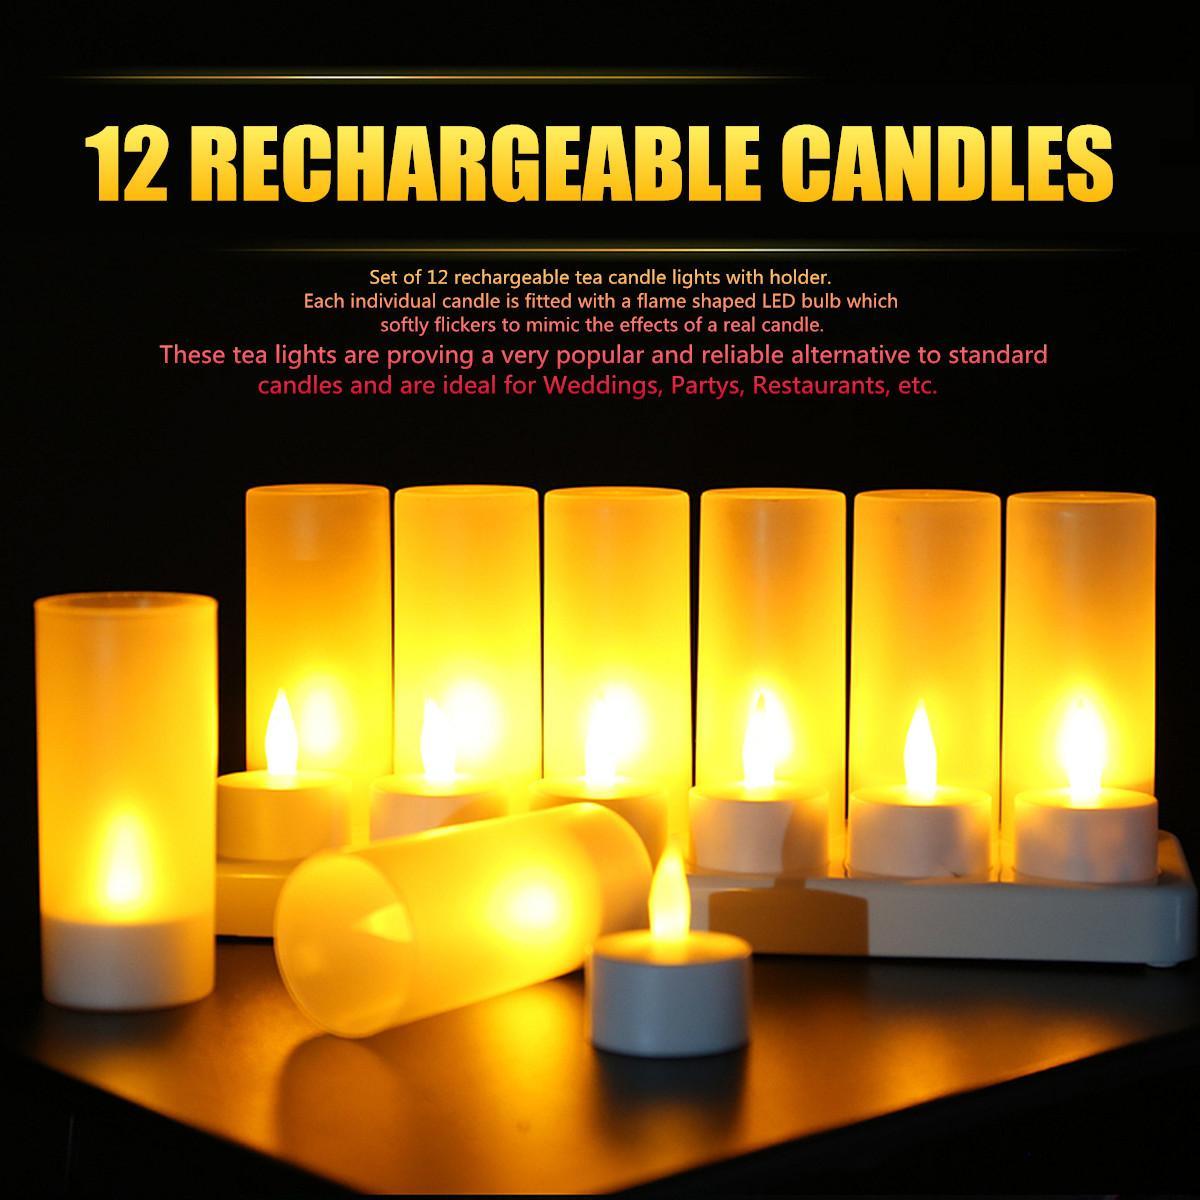 12шт светодиодные свечи Чай свет перезаряжаемые Мерцание пламени Shaped светодиодные лампы для партии Свадебный ужин с держателем США / EU / UK / AU Штекер T200601